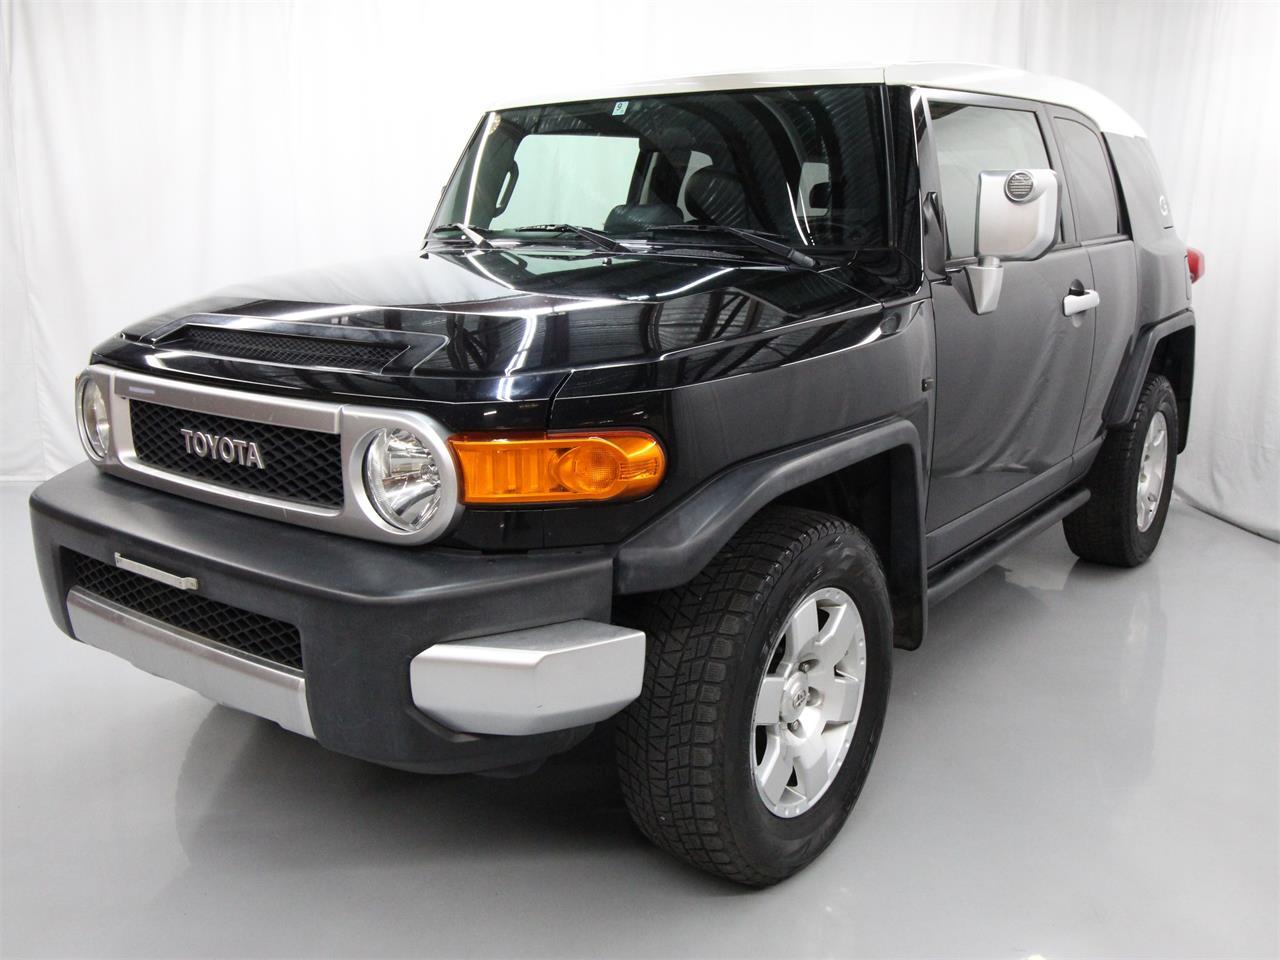 Large Picture of '07 Toyota FJ Cruiser located in Christiansburg Virginia - $21,780.00 - Q6UM